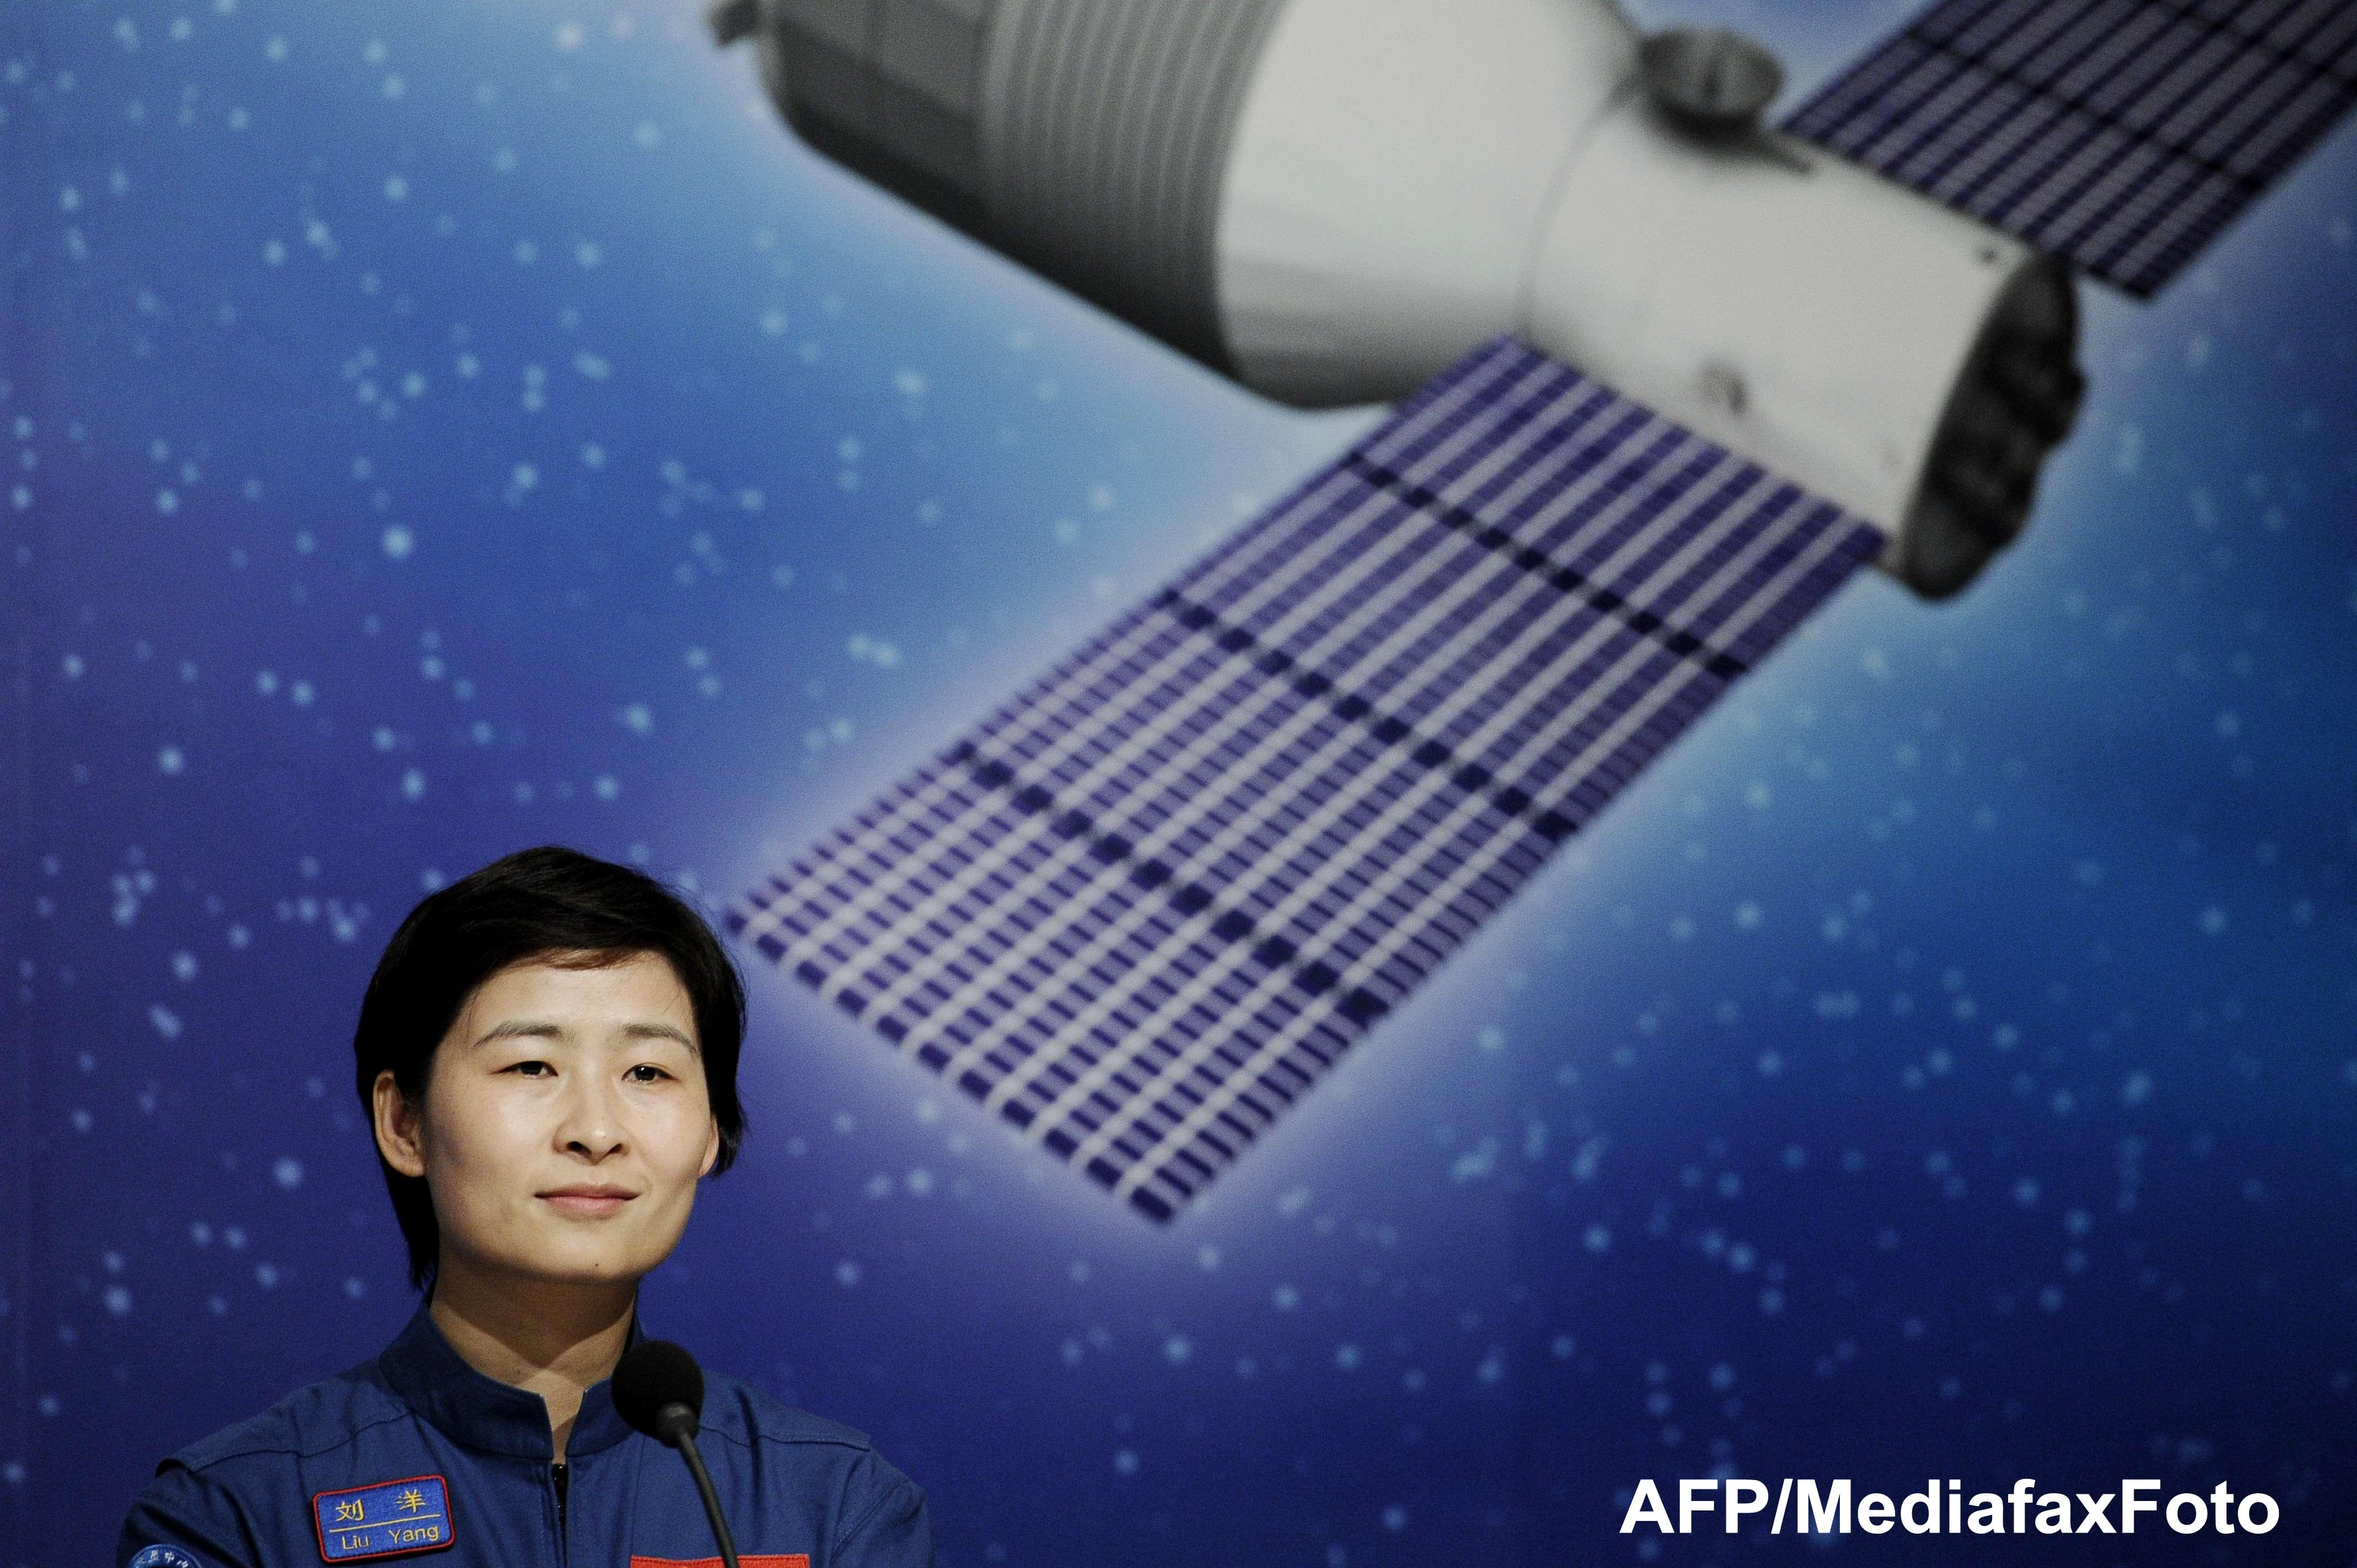 Cucerirea spatiului cosmic. China a lansat o racheta cu 3 astronauti la bord